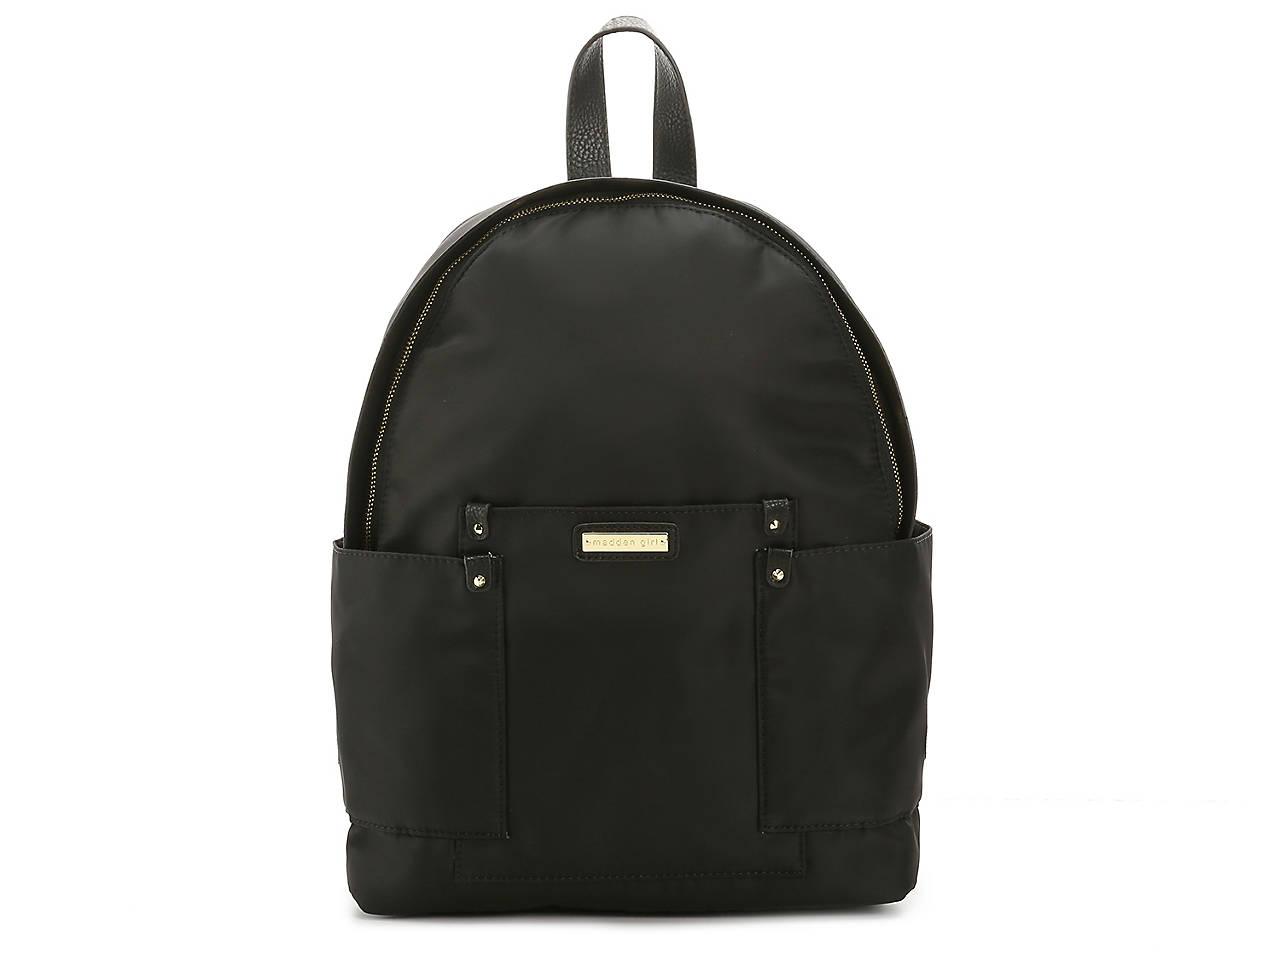 Madden Girl Poise Backpack Women's Handbags & Accessories | DSW